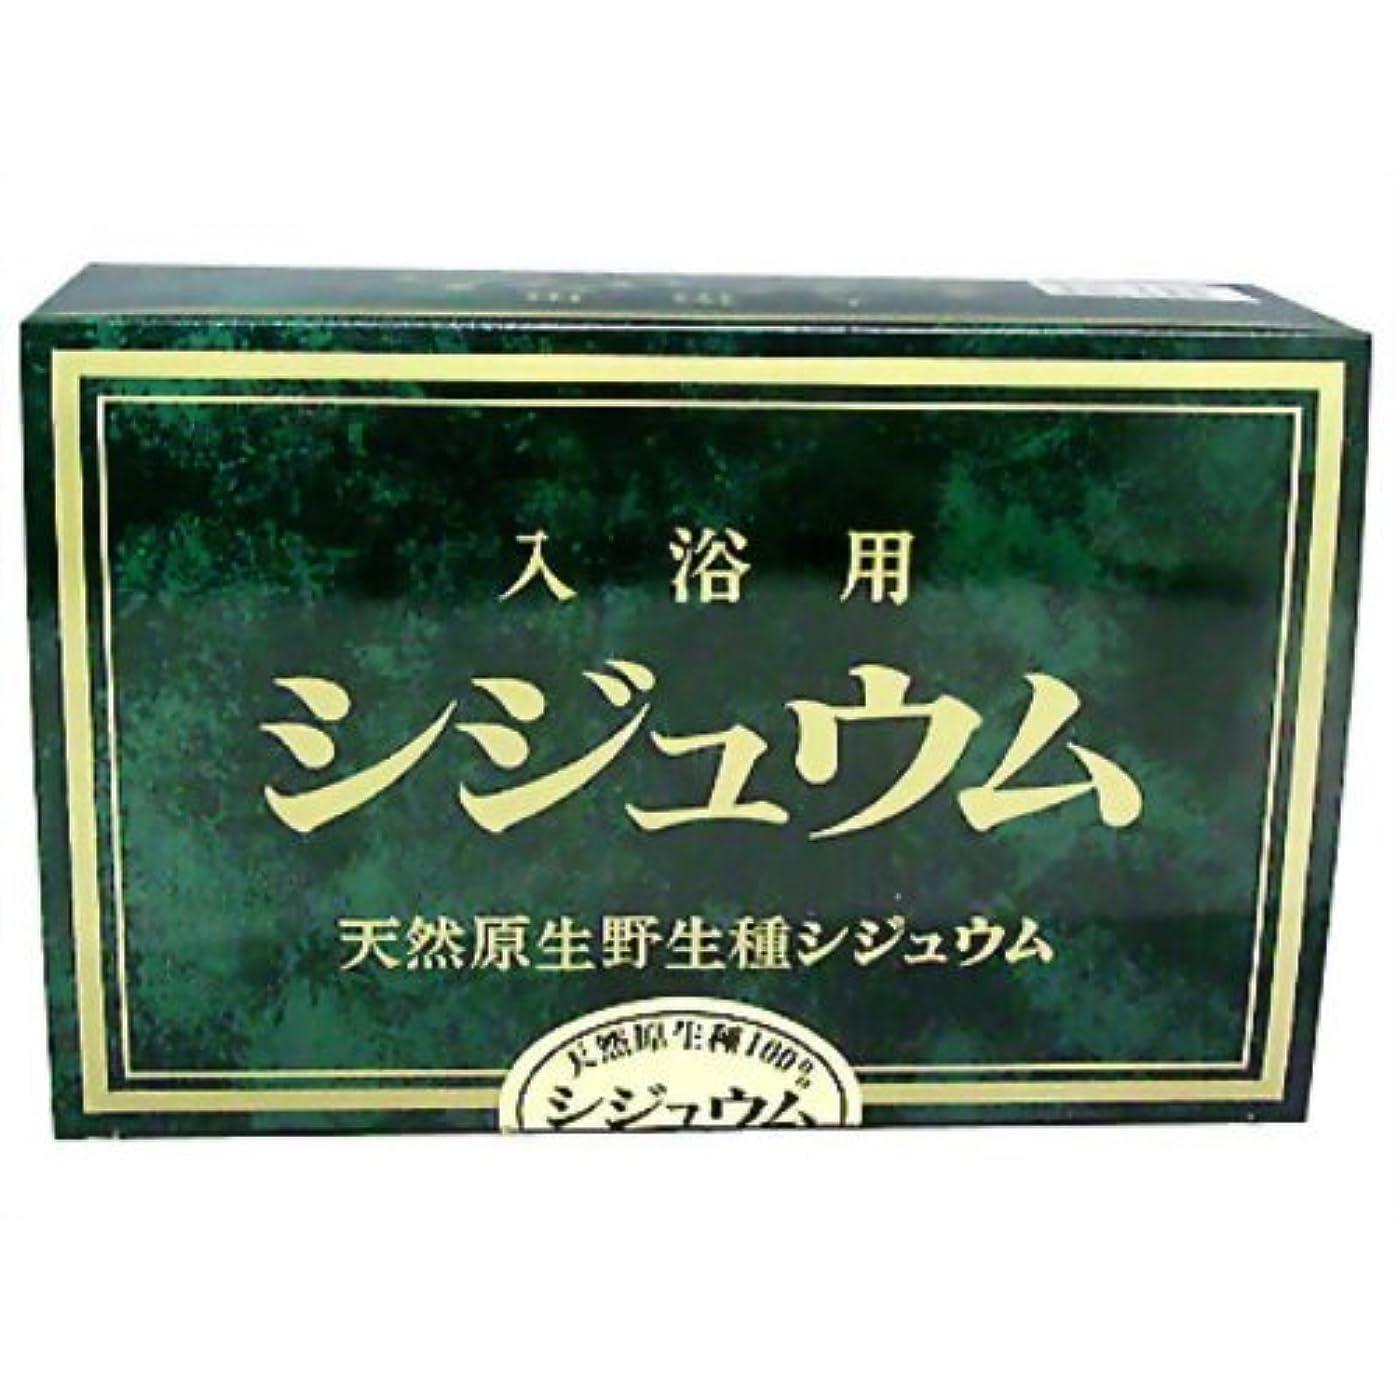 格差降ろすプライム入浴用シジュウム(入浴剤)